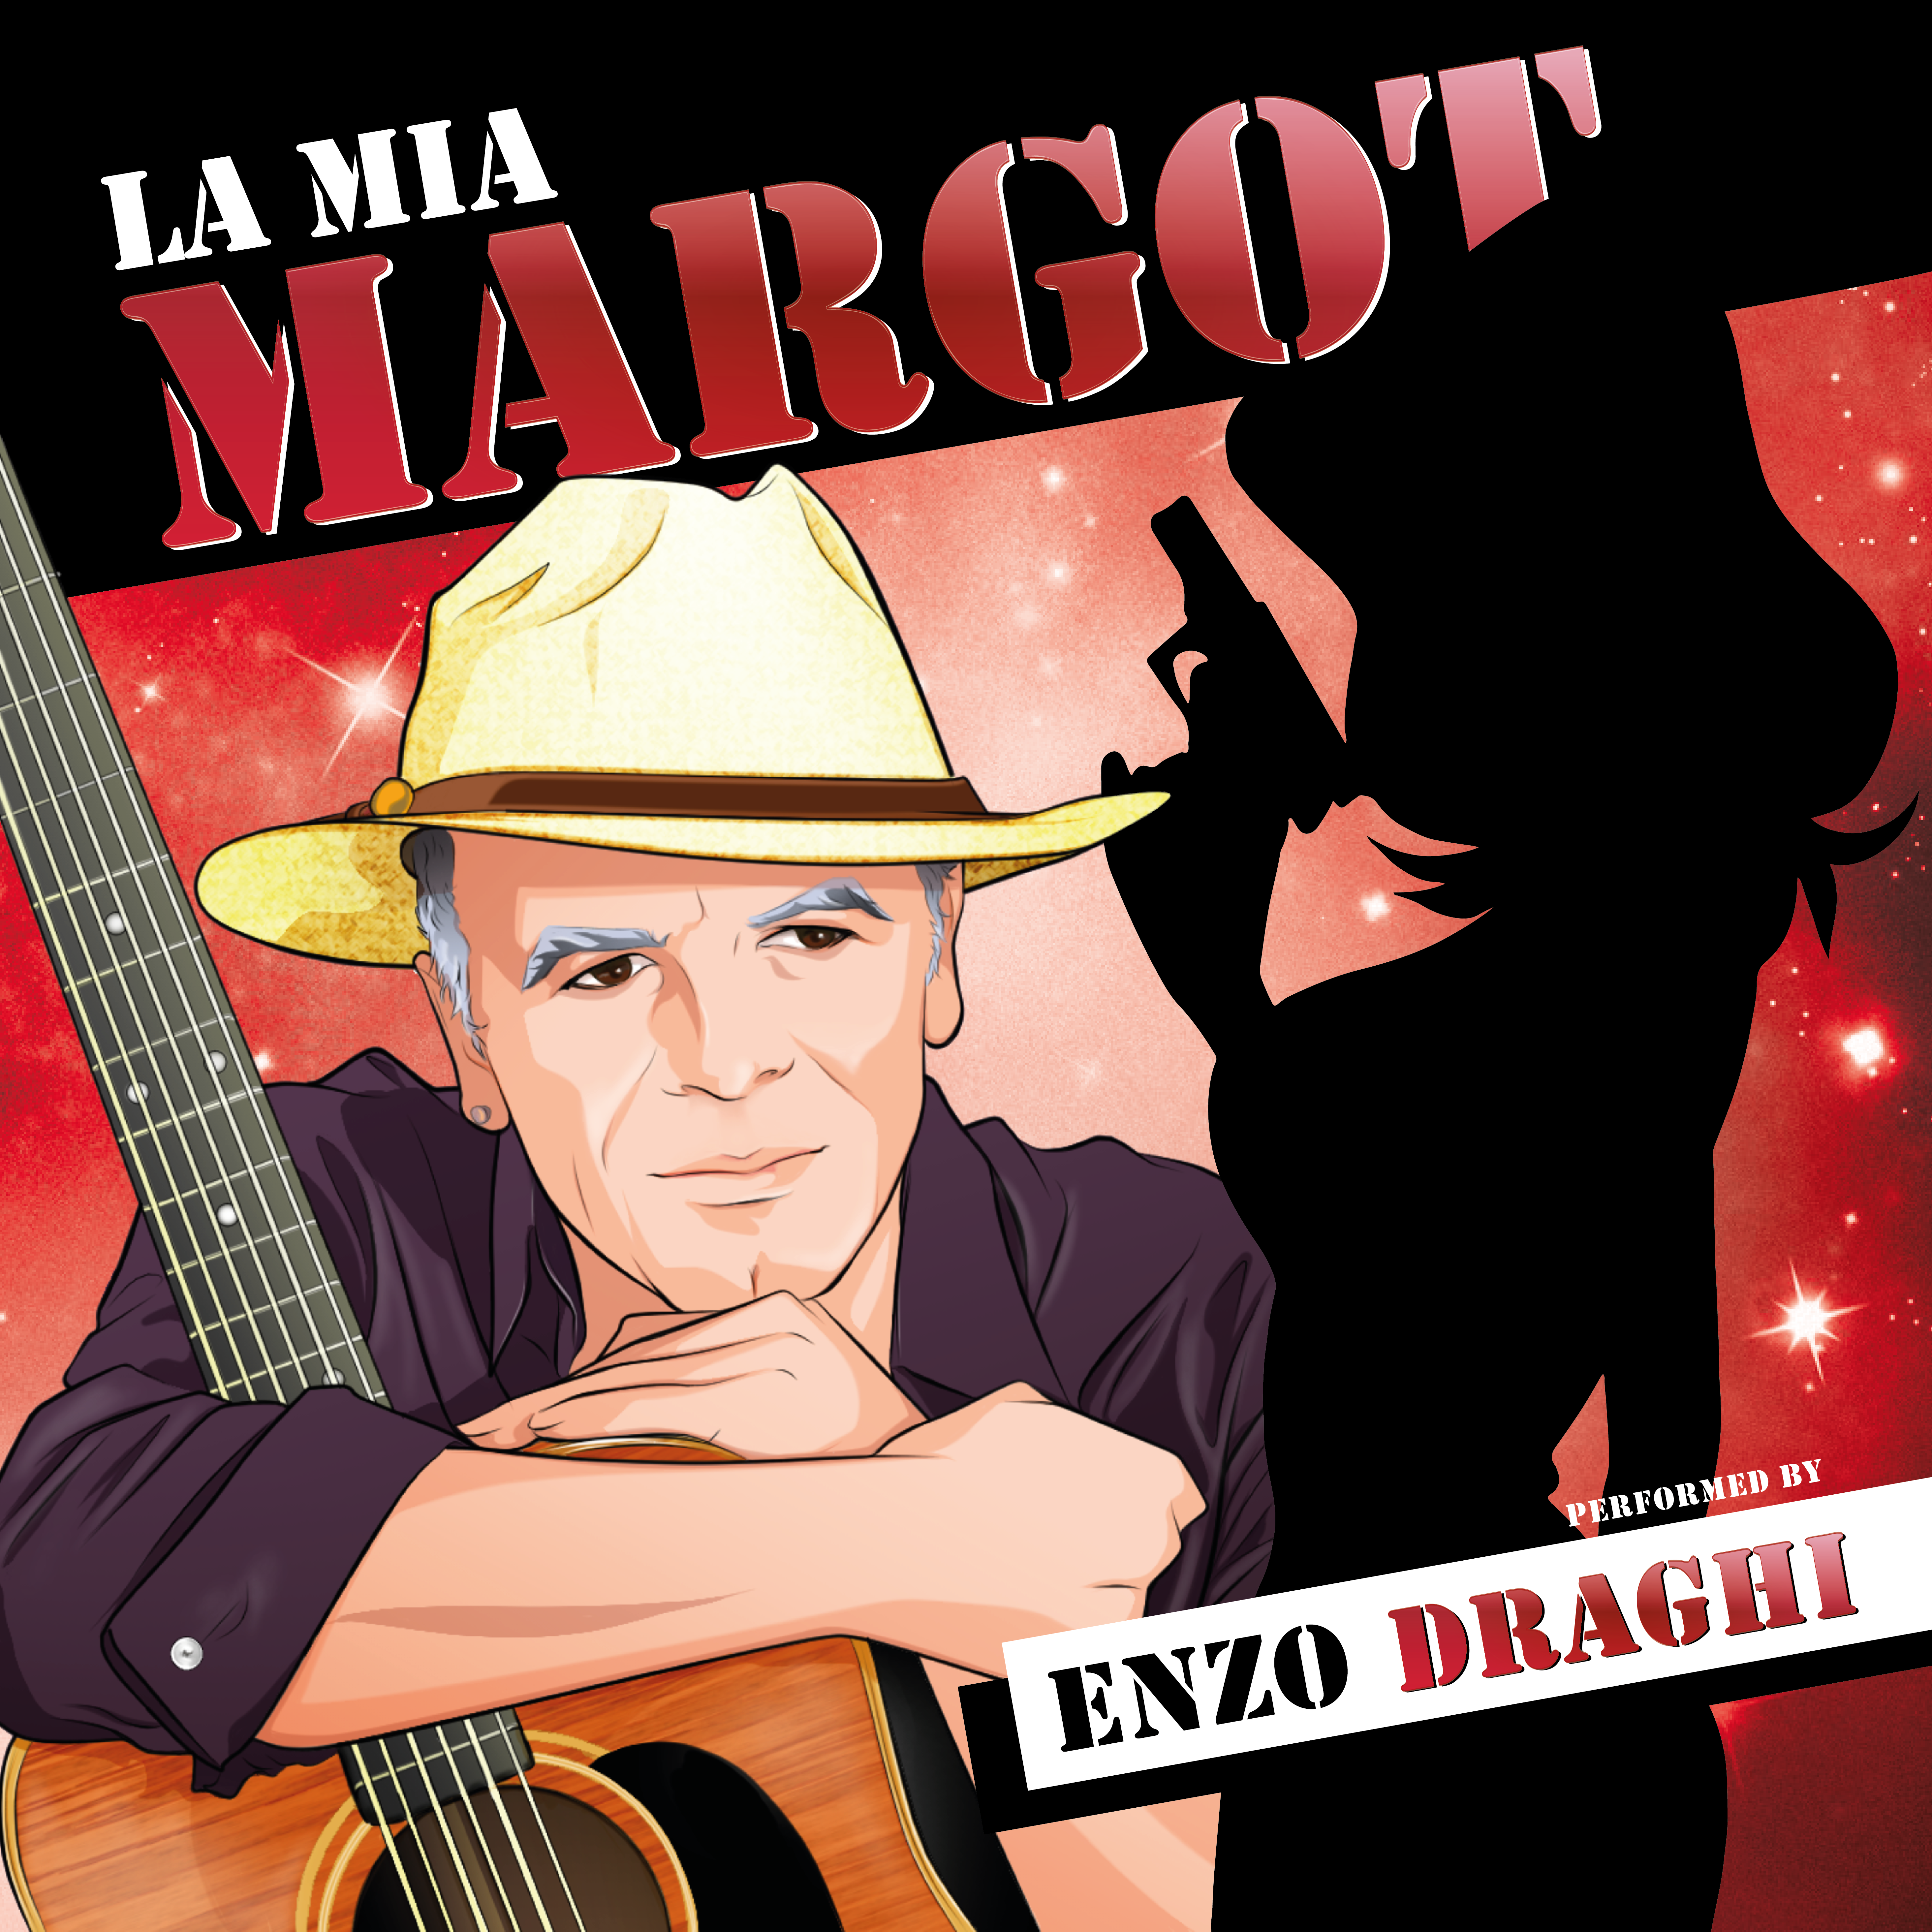 La mia Margot – Enzo Draghi Torna in radio, la mitica voce di Lupin III e di Mirko dei Bee Hive